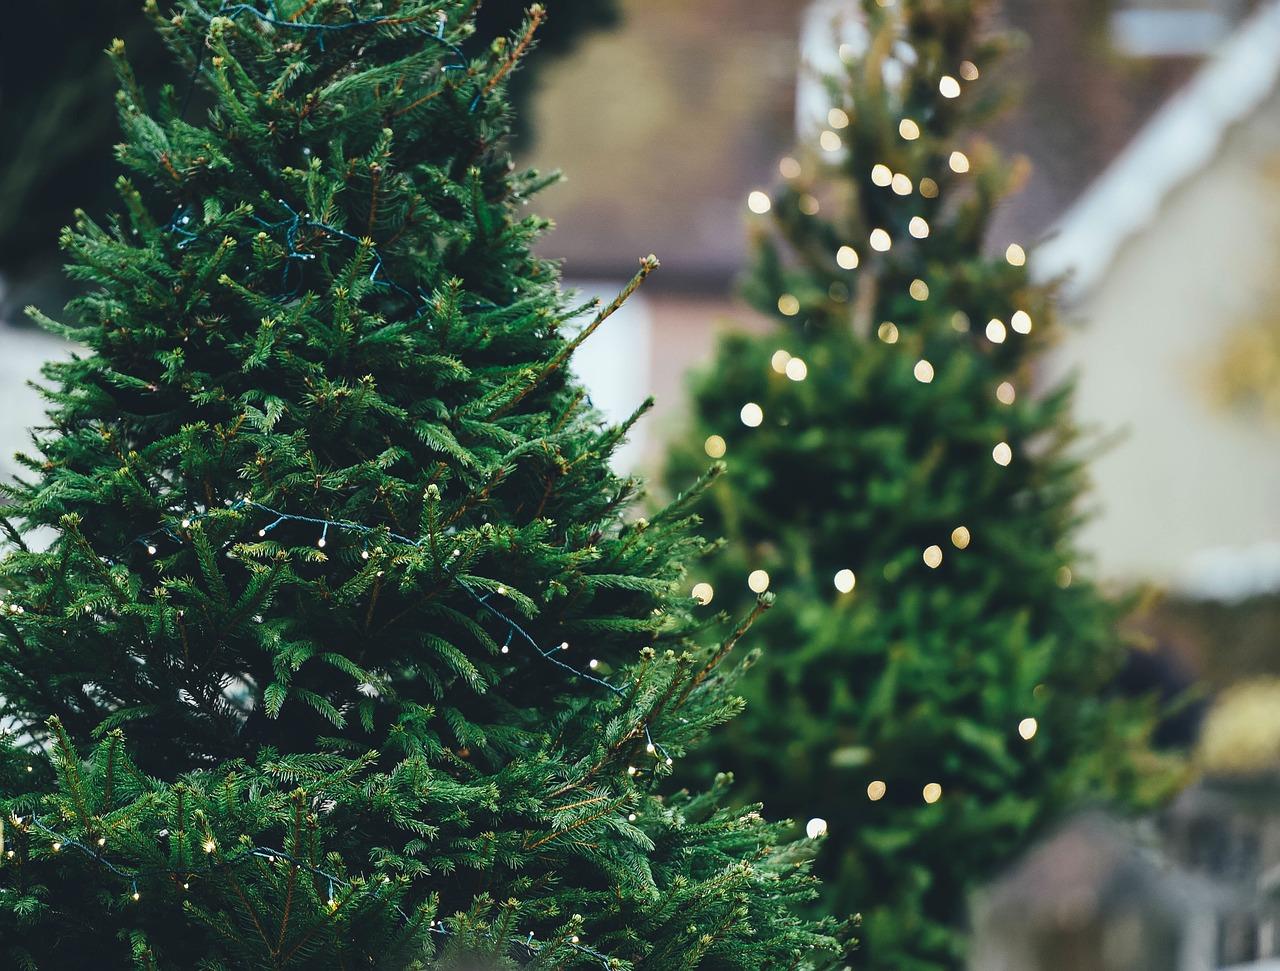 Árboles de Navidad de color verde